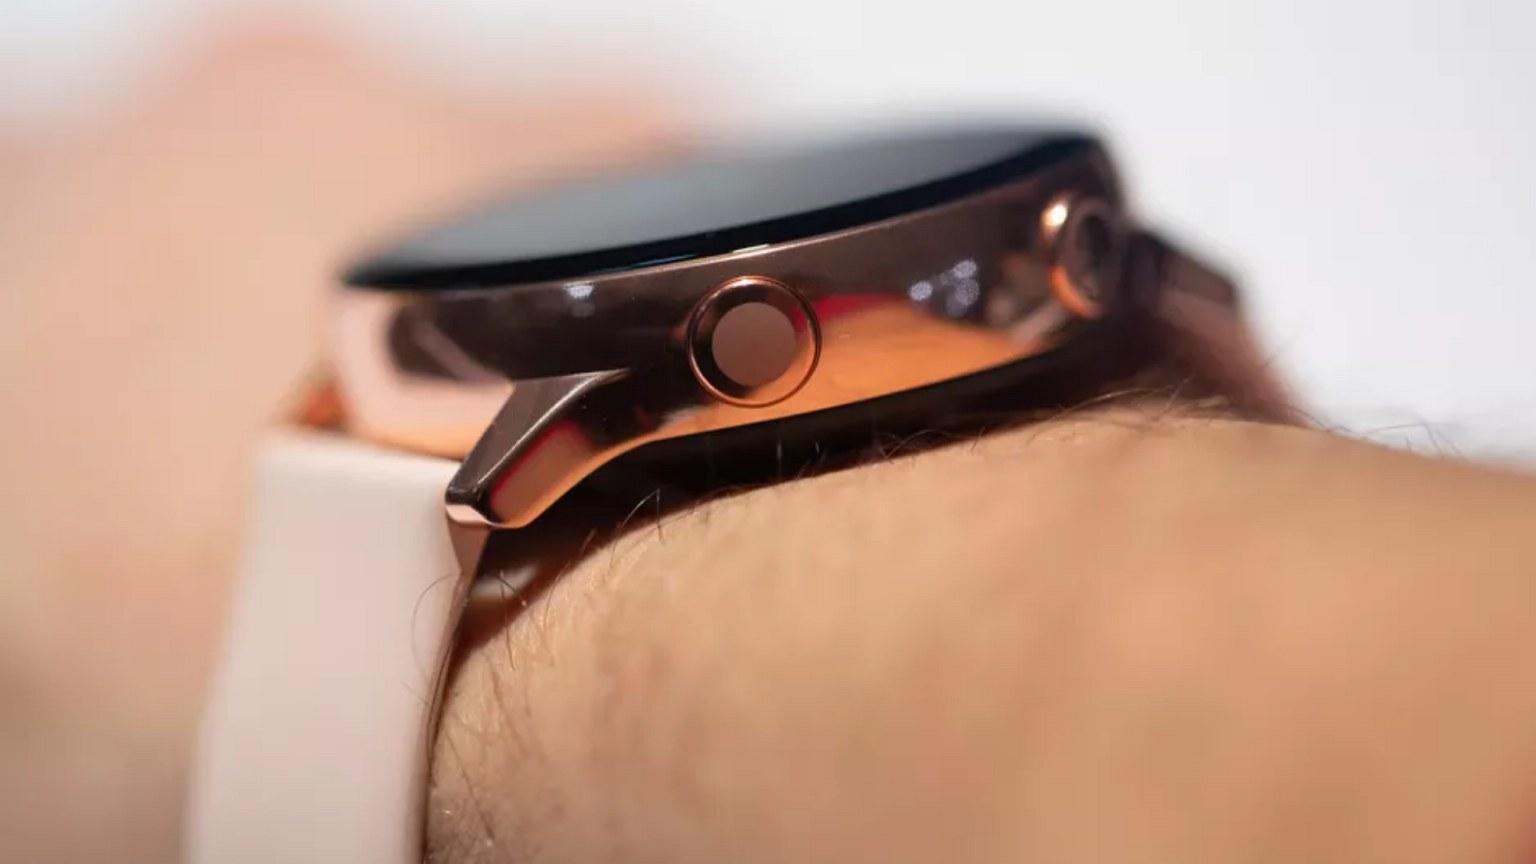 Samsung Galaxy Watch Active 2 button